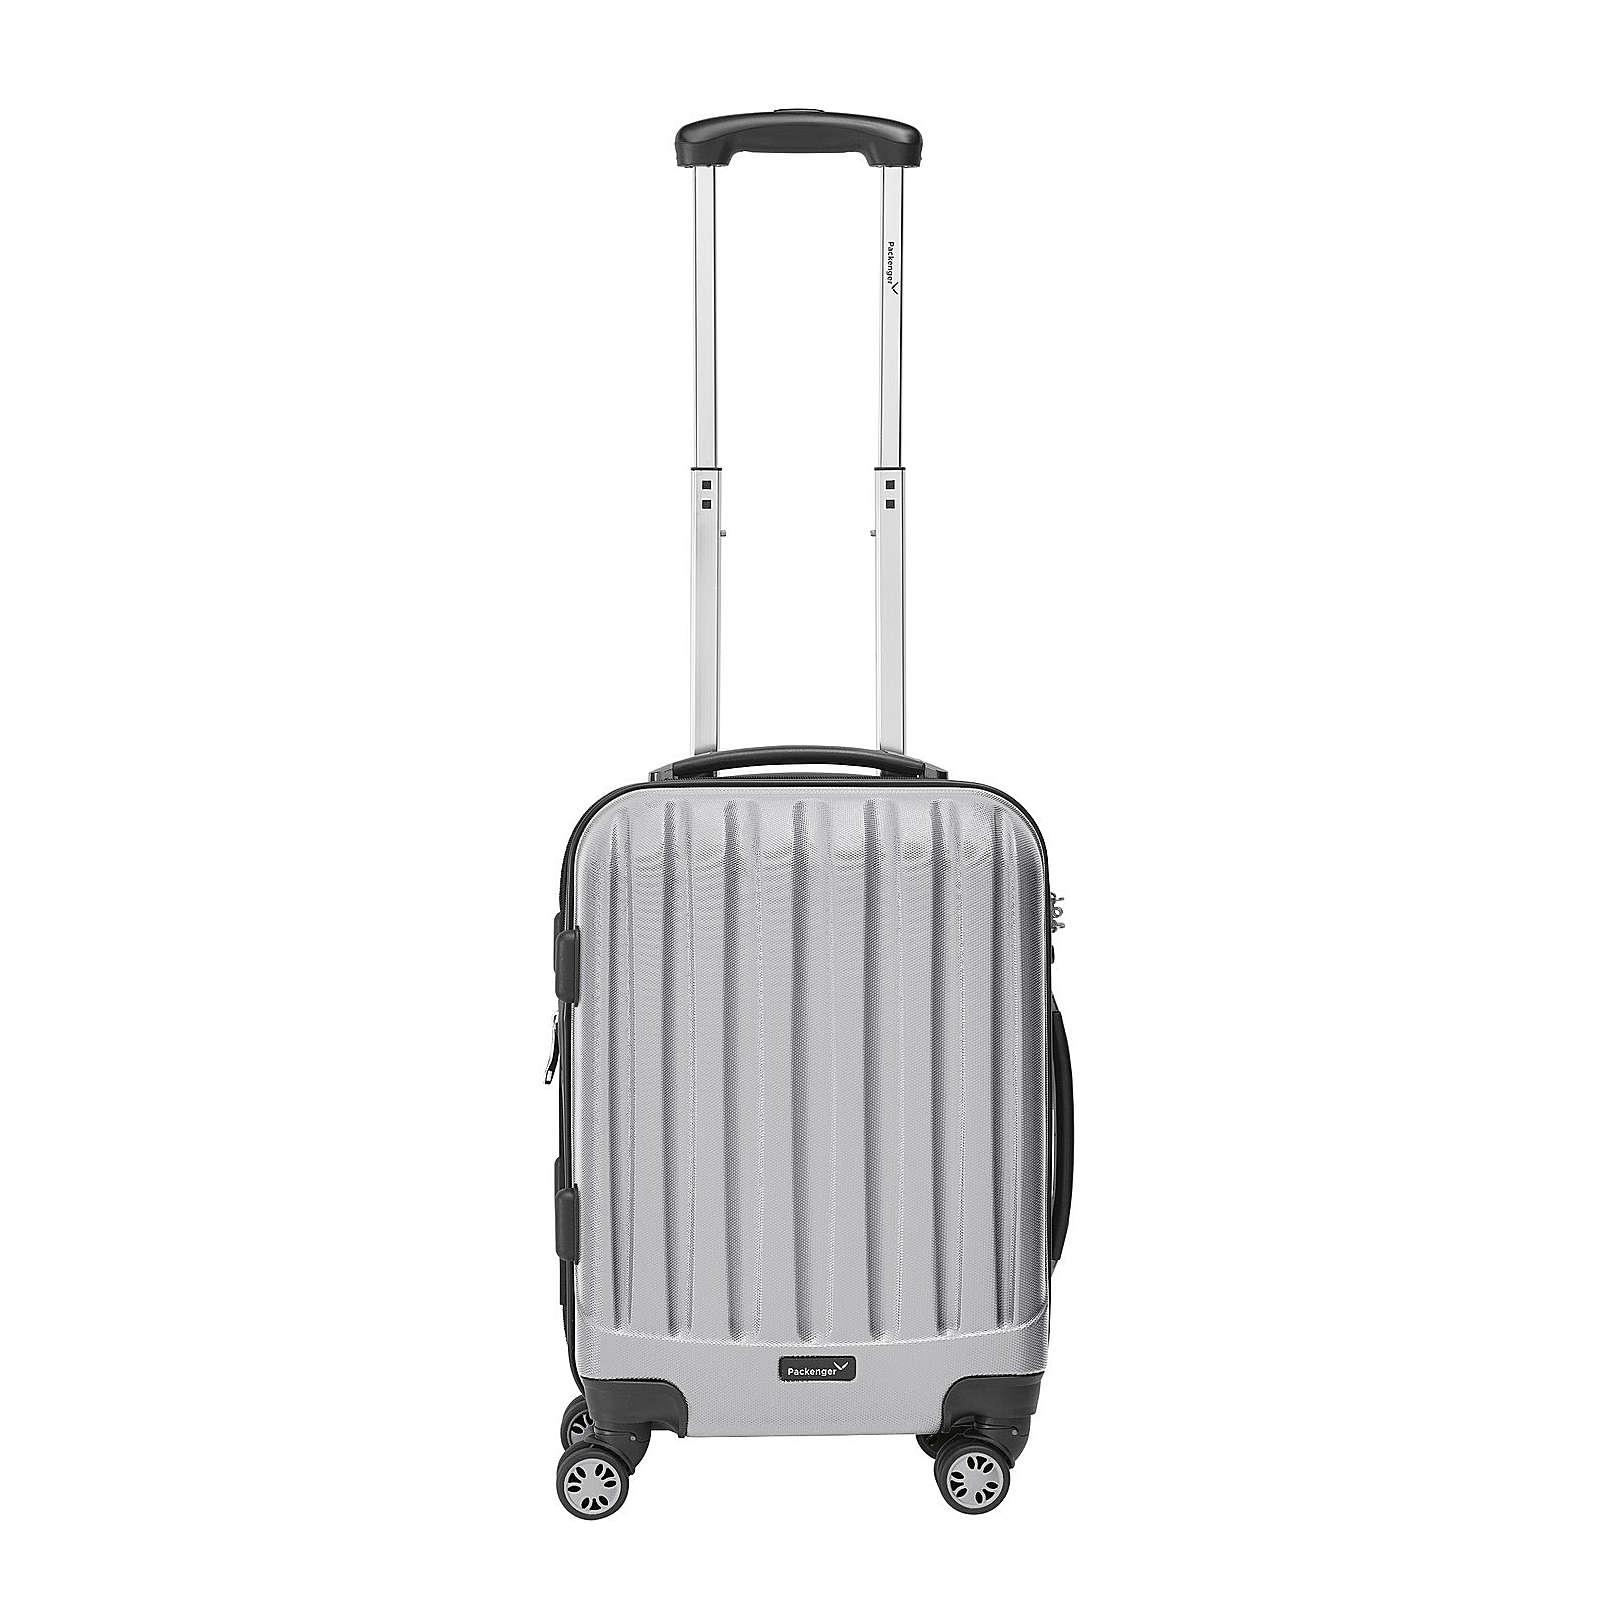 Packenger Koffer Velvet Bordcase silber